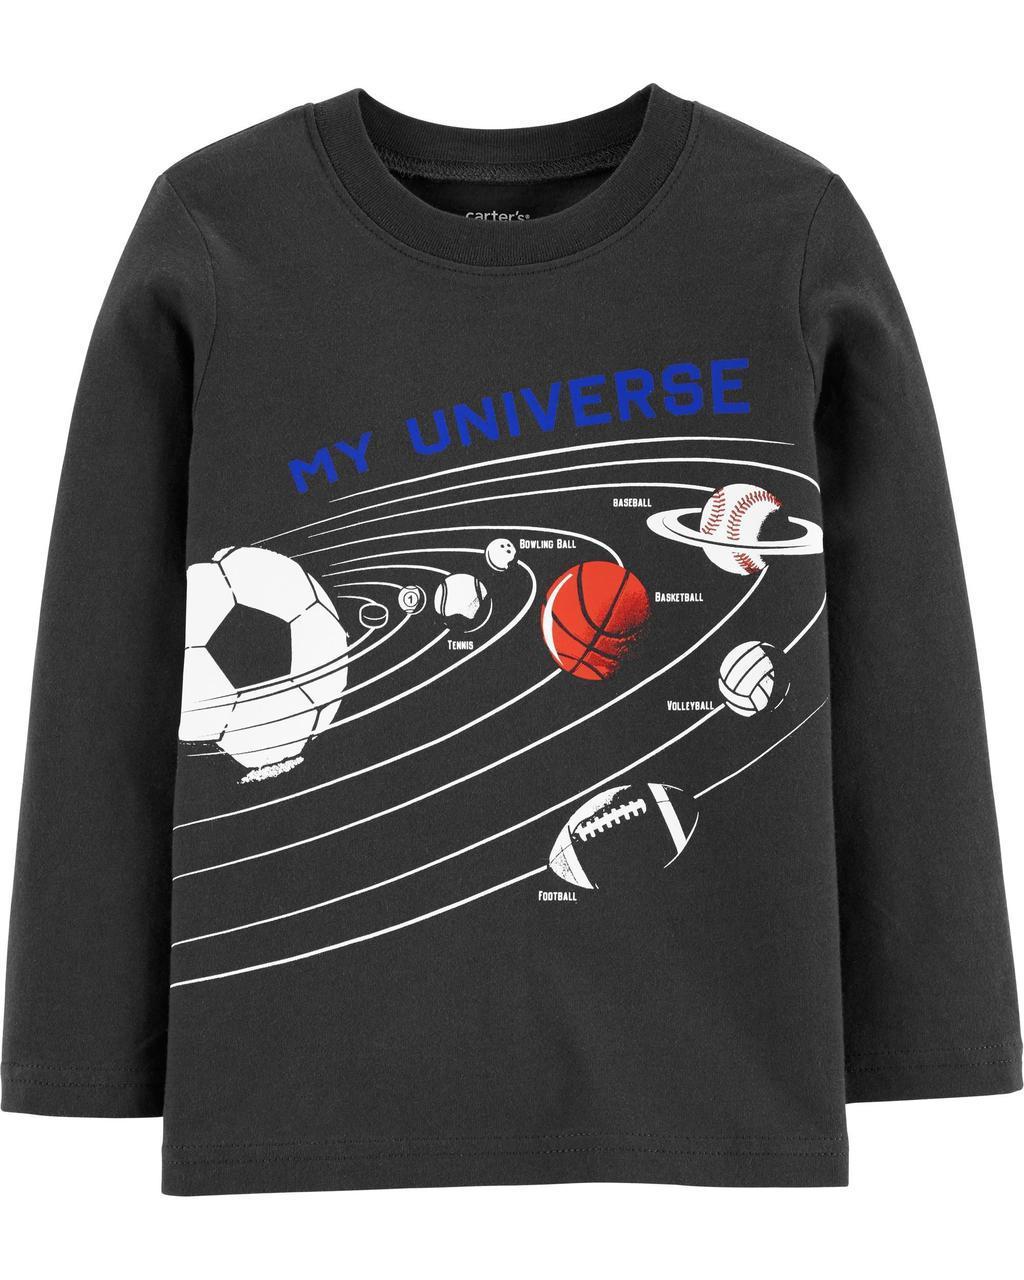 Детская футболка с длинным рукавом Картерс для мальчика